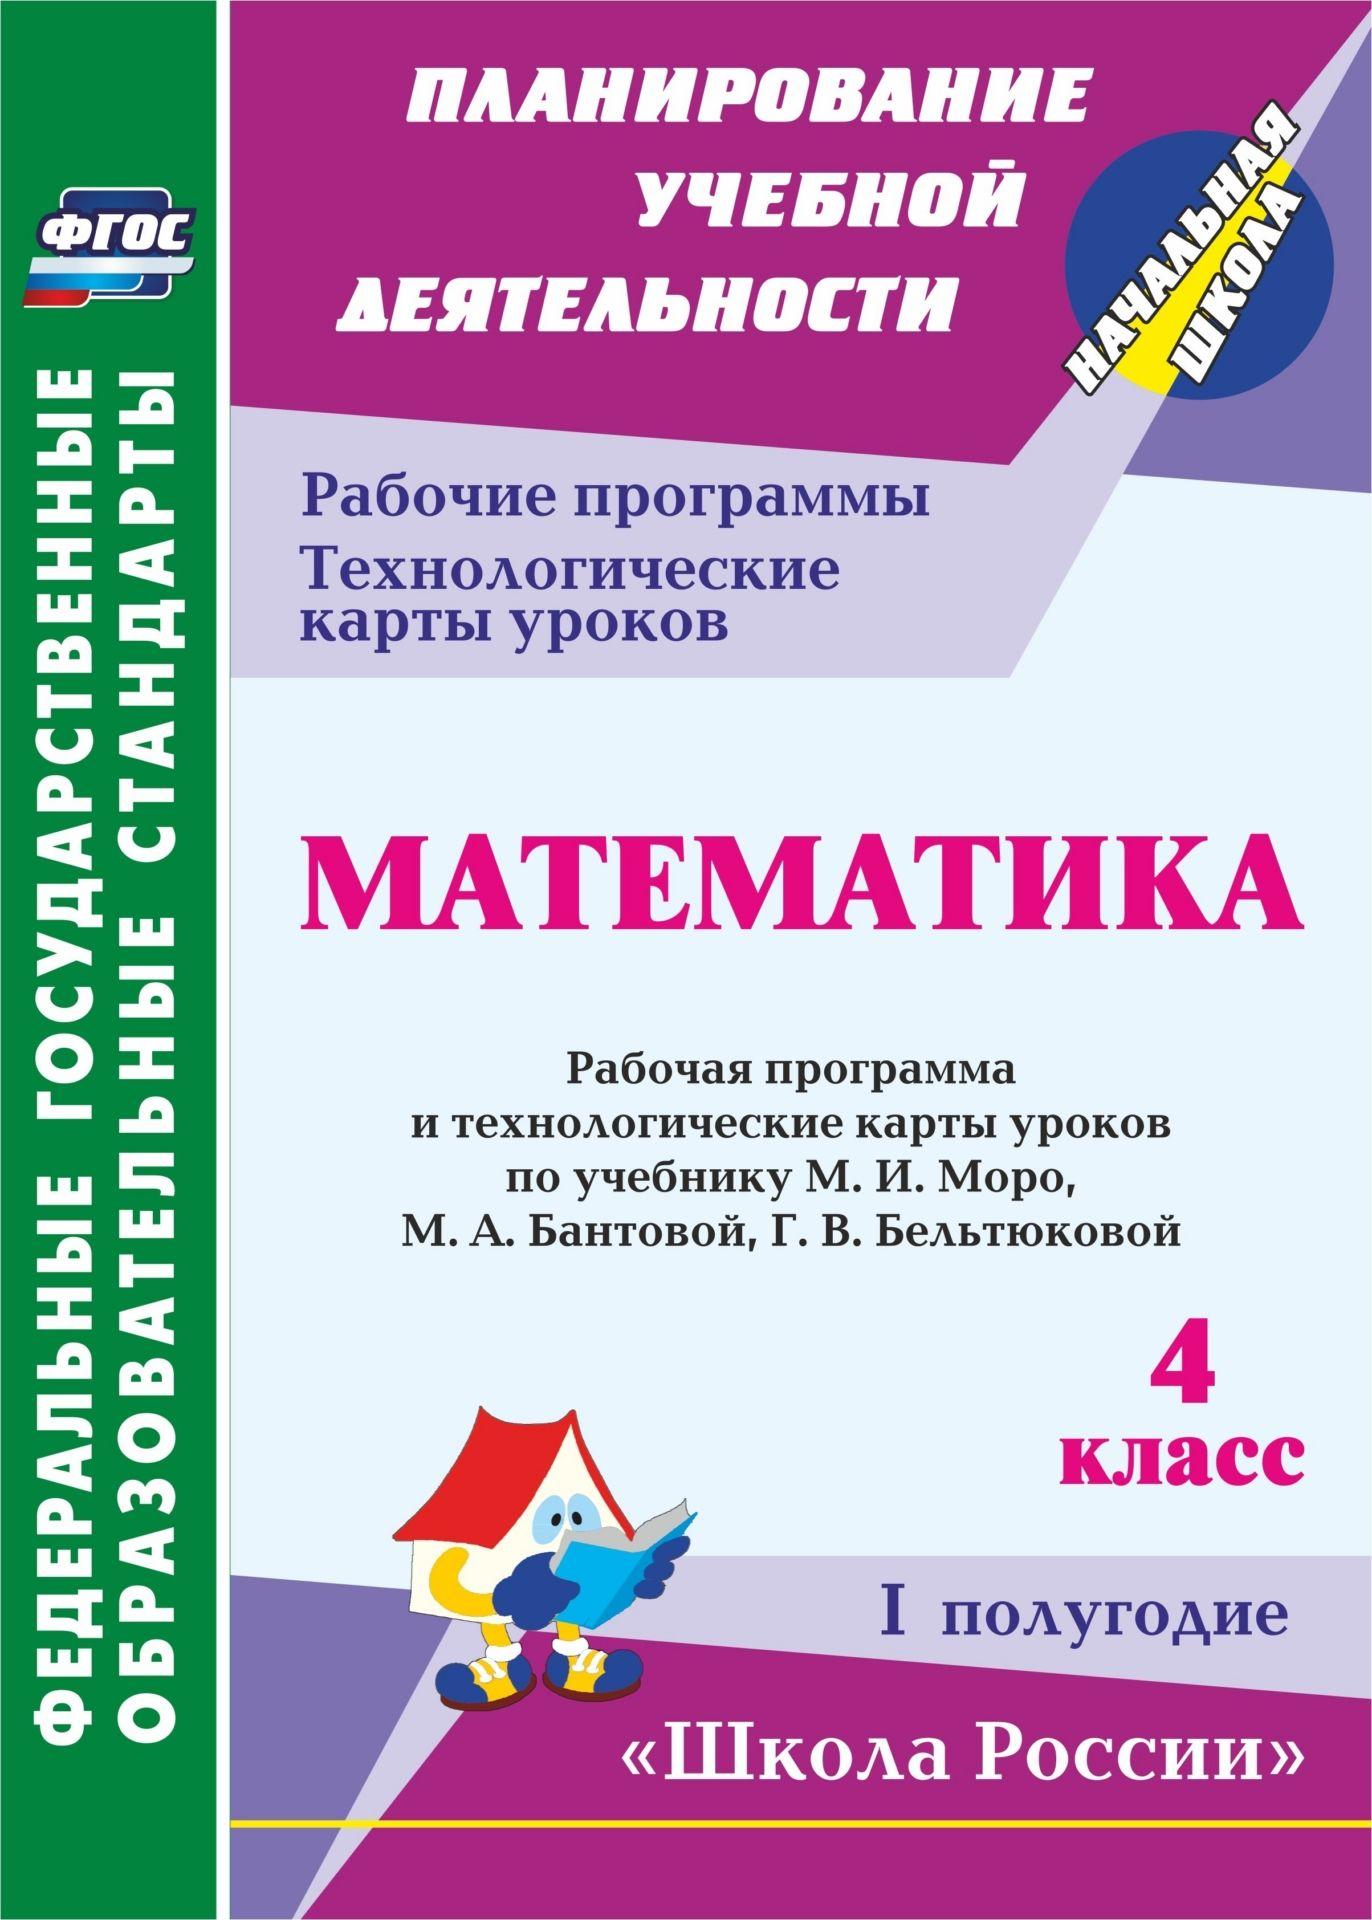 Купить со скидкой Математика. 4 класс: рабочая программа и технологические карты уроков по учебнику М. И. Моро, М. А.